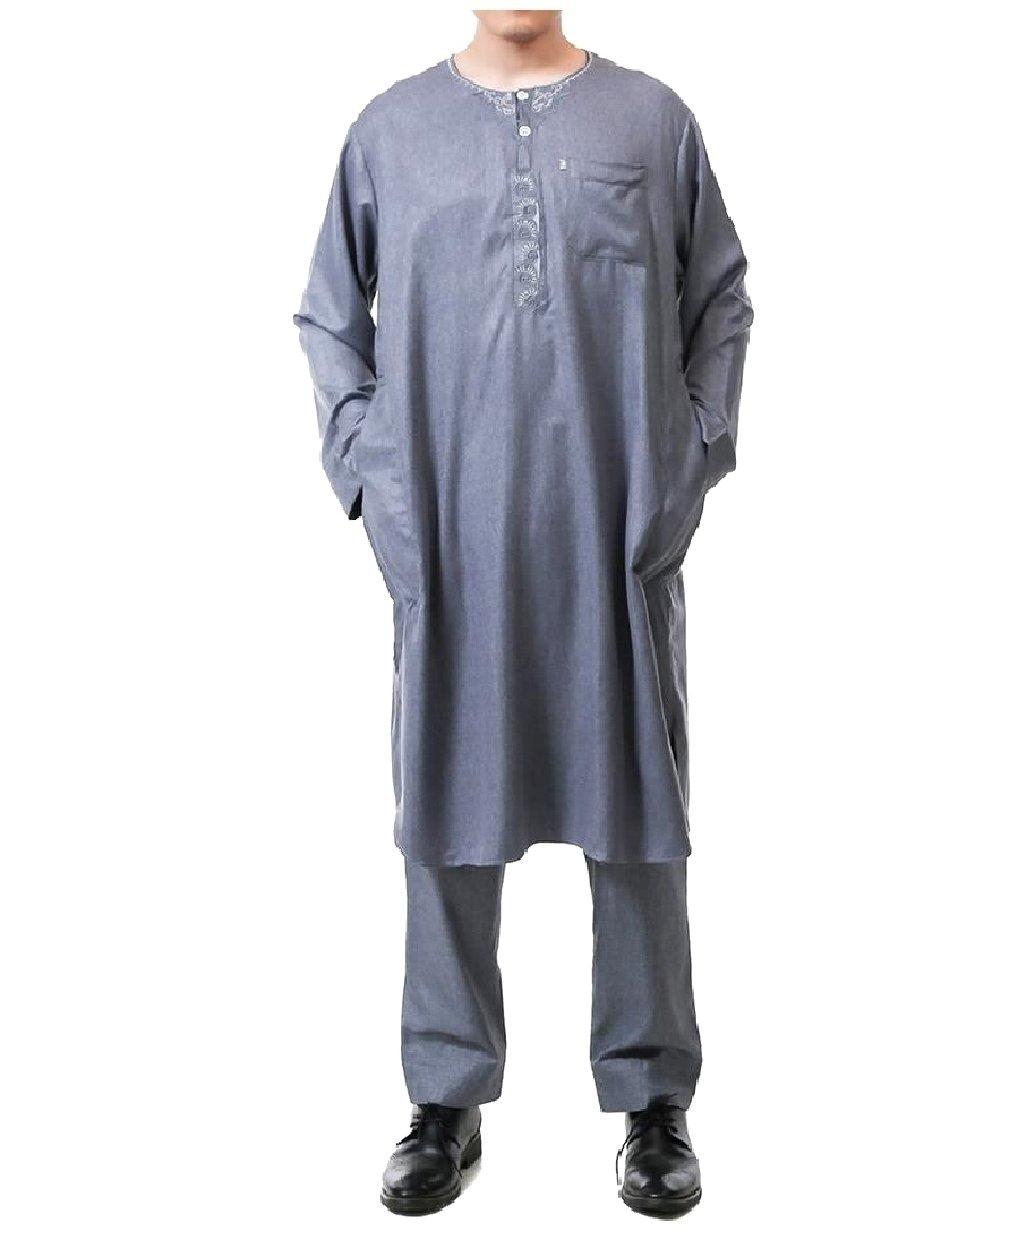 Tootless Men 2-Piece Middle East Cotton Linen Blend Muslim Shalwar Kemeez Dark Grey 60